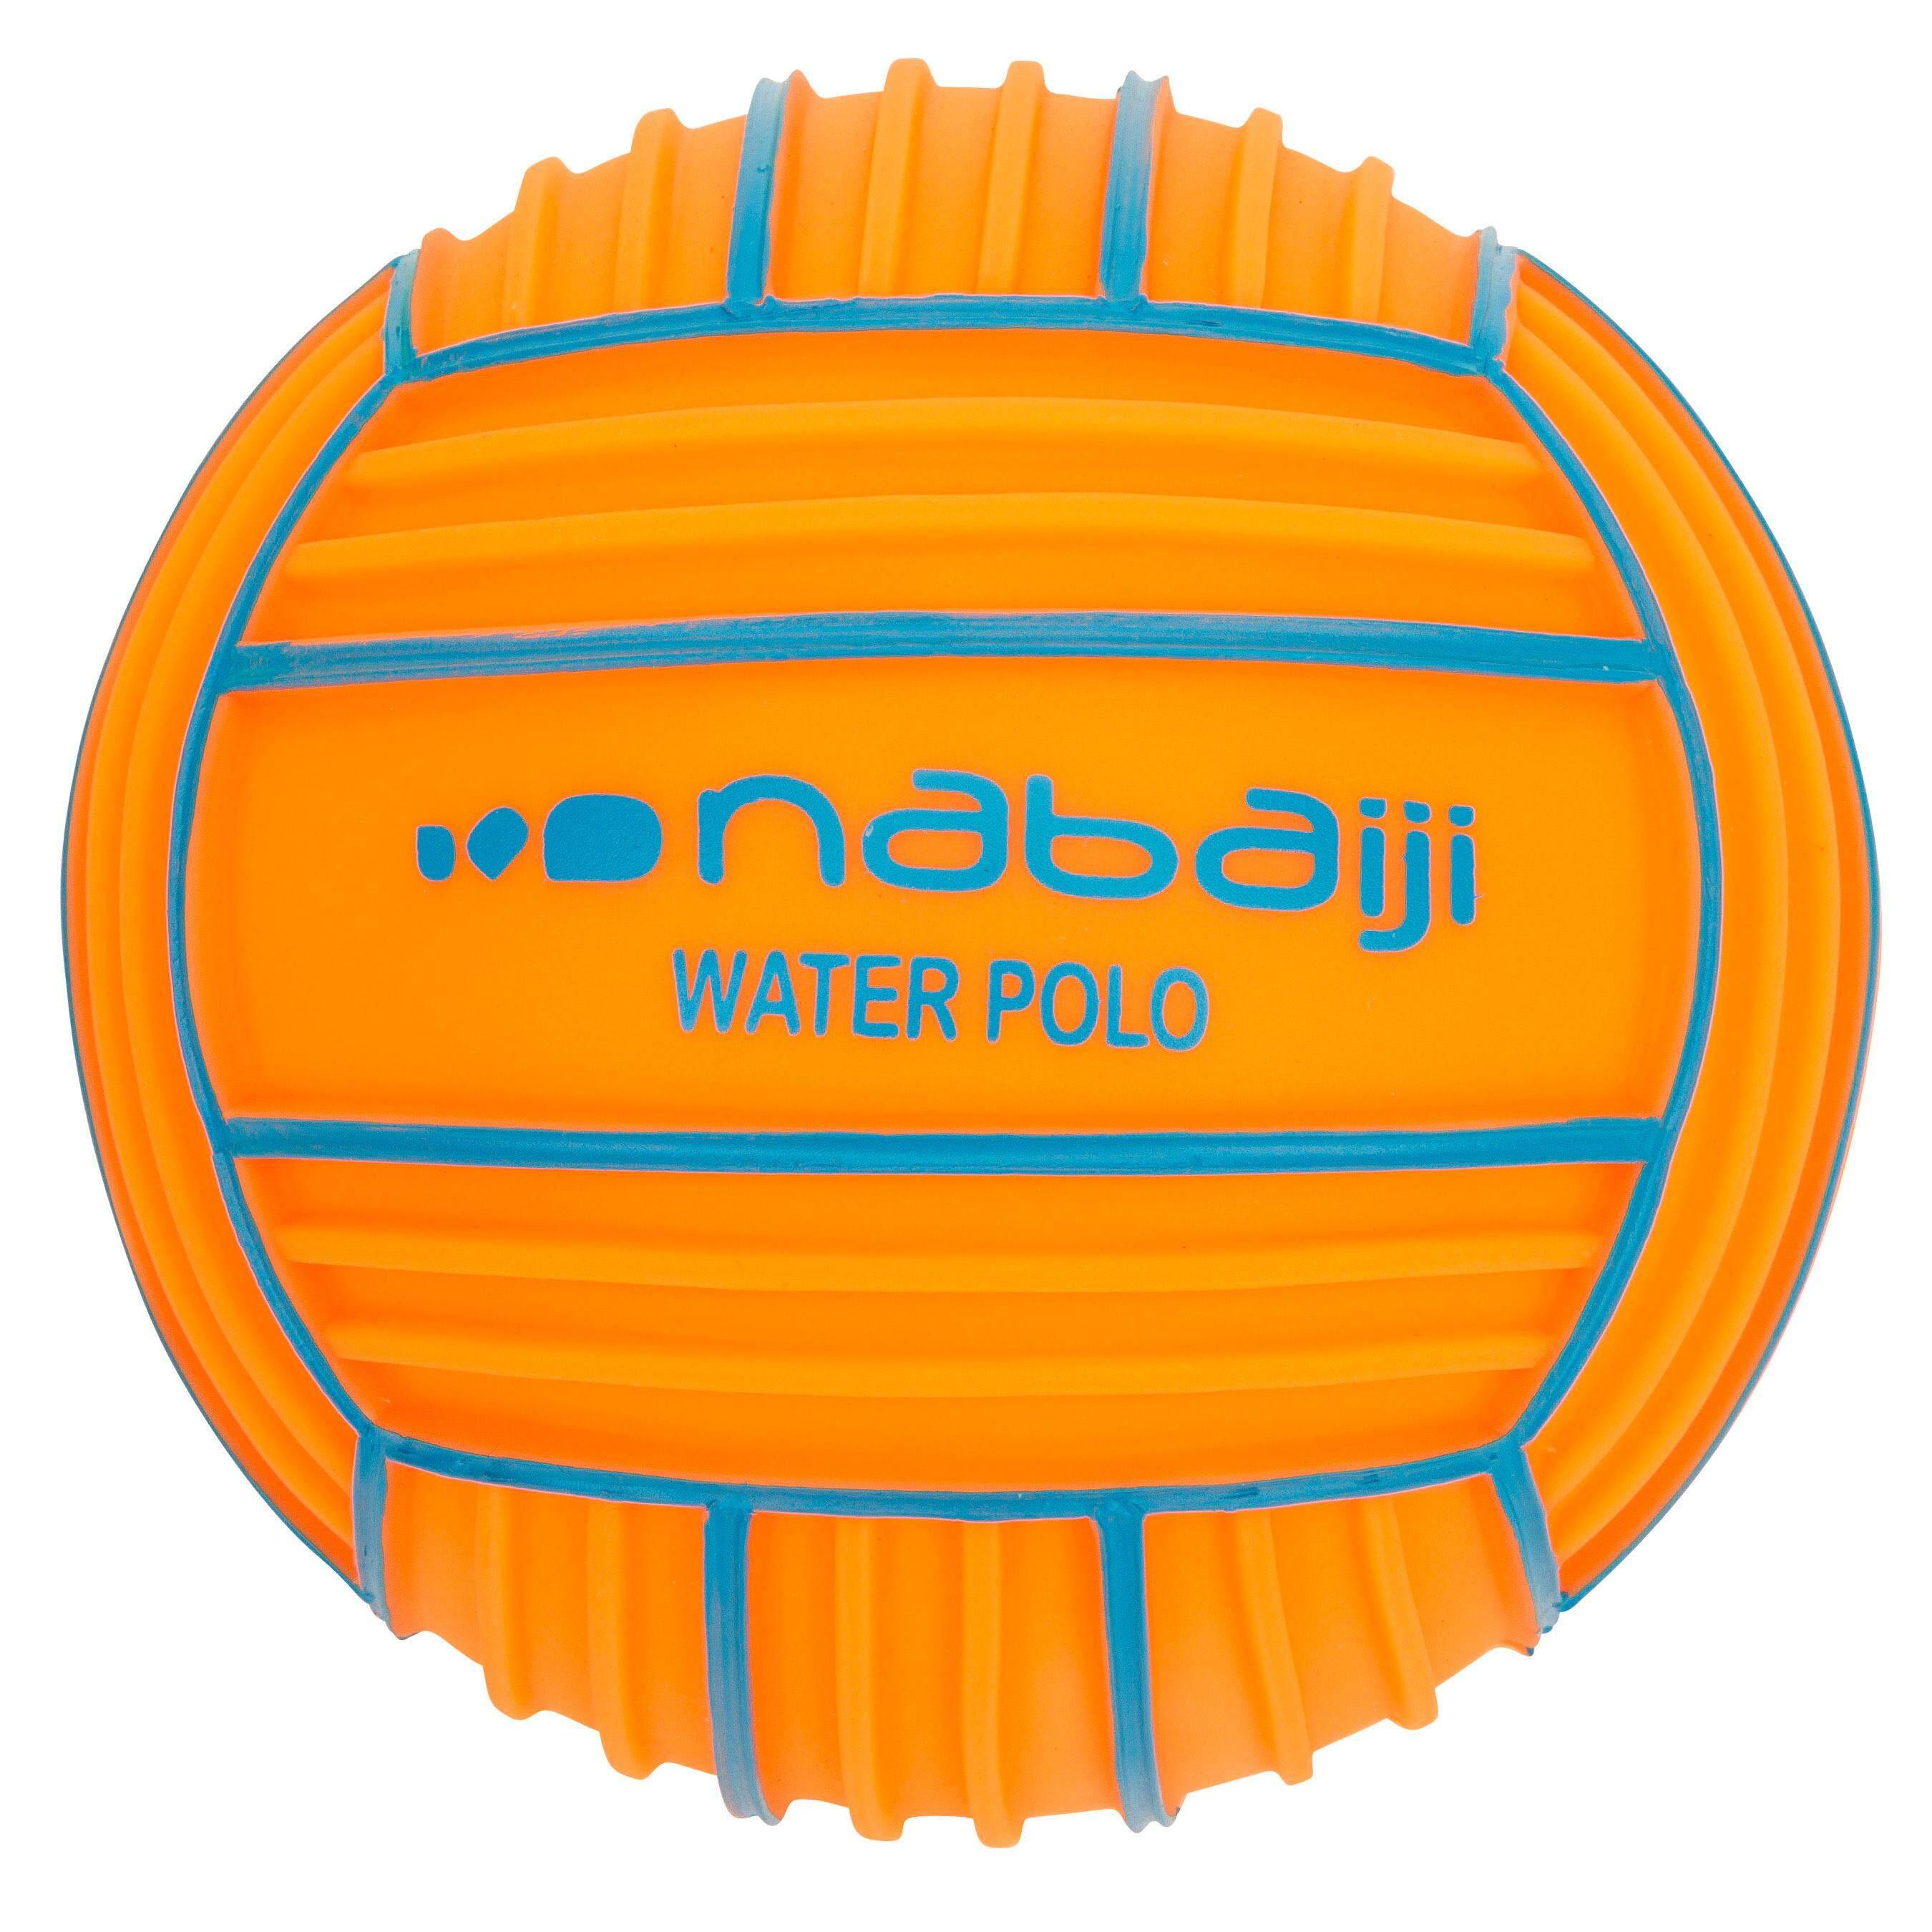 [ด่วน!! โปรโมชั่นมีจำนวนจำกัด]ลูกบอลกระชับมือขนาดเล็กสำหรับเล่นในสระว่ายน้ำ (สีส้ม)